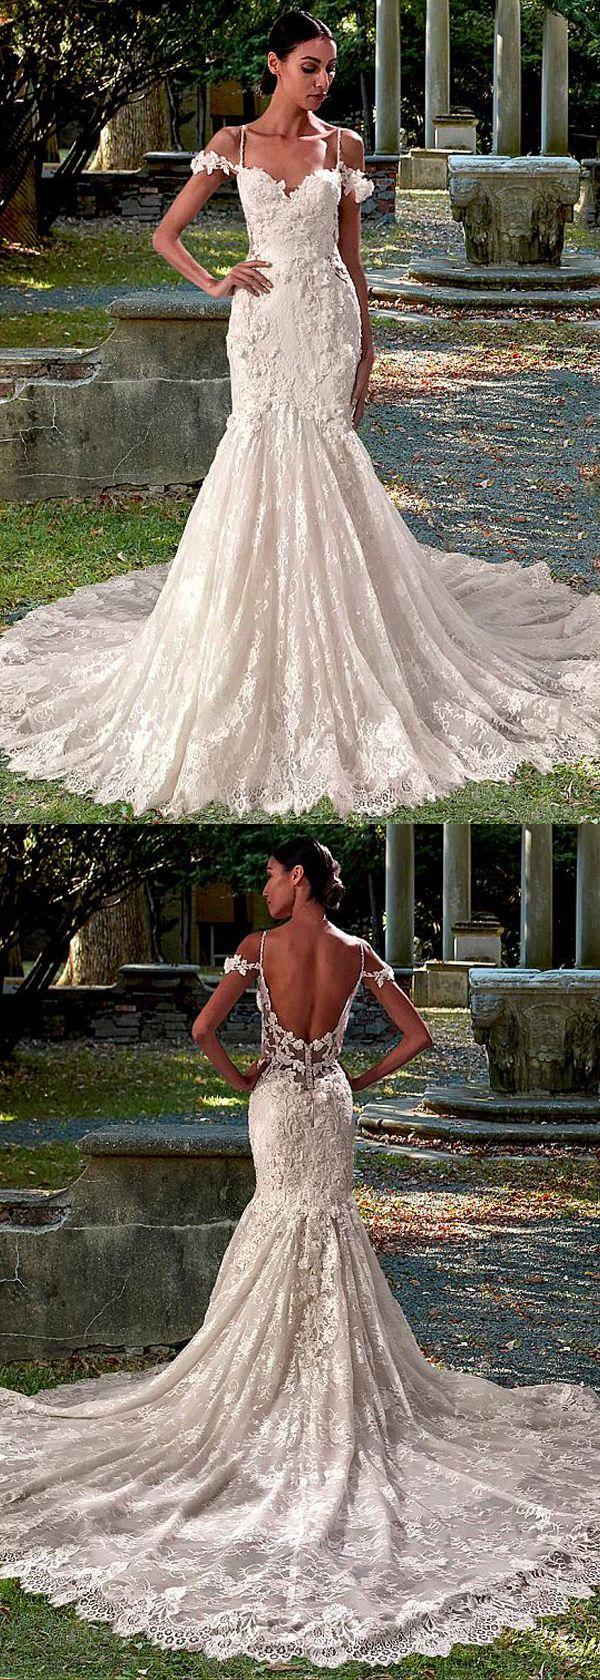 Lace spaghetti strap wedding dress  Amazing Tulle u Lace Spaghetti Straps Neckline Mermaid Wedding Dress